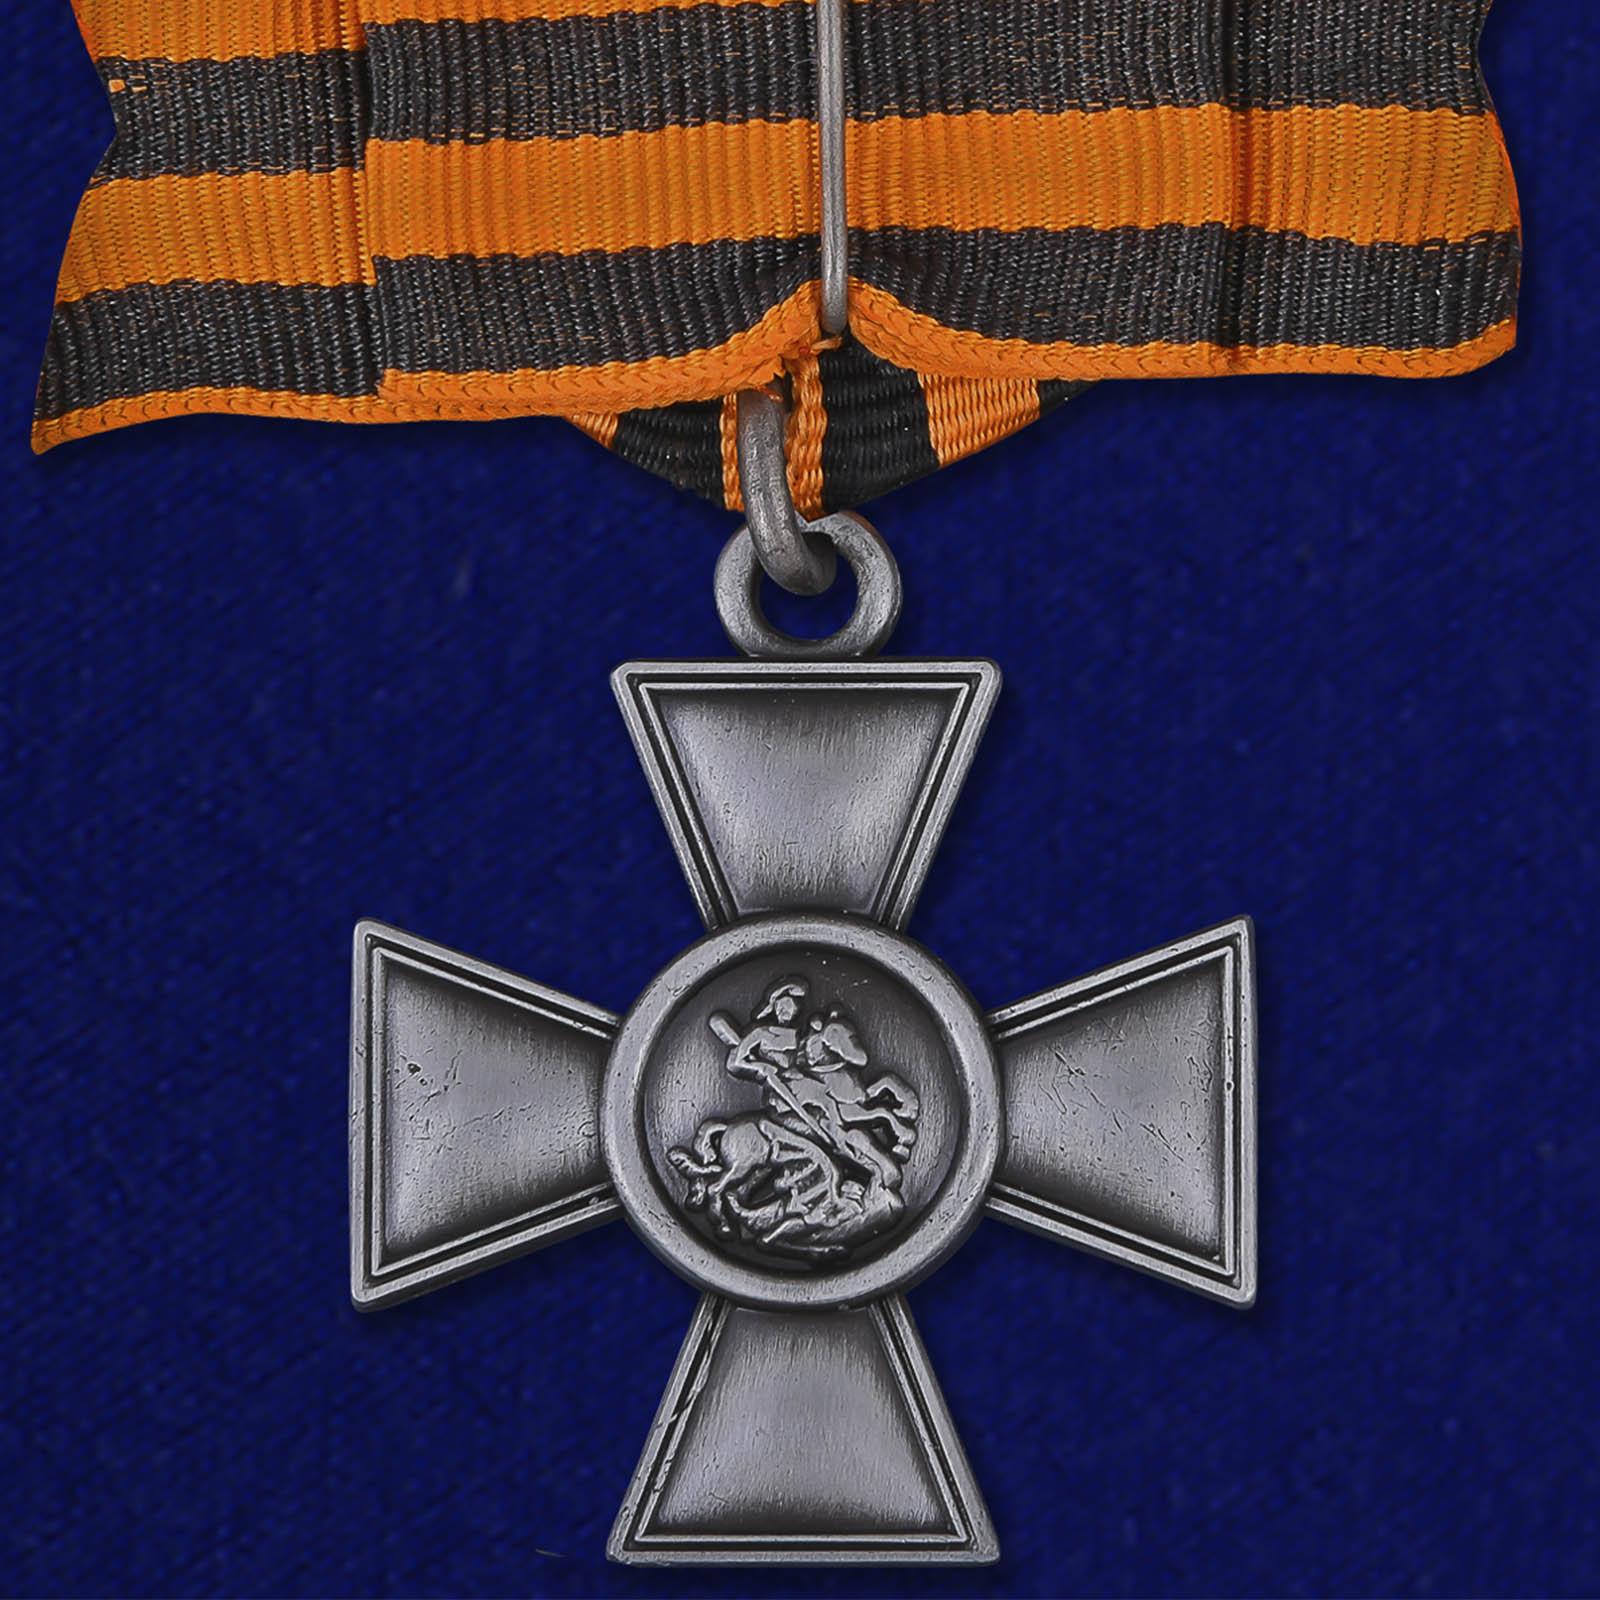 Георгиевский крест 3 степени (с бантом)